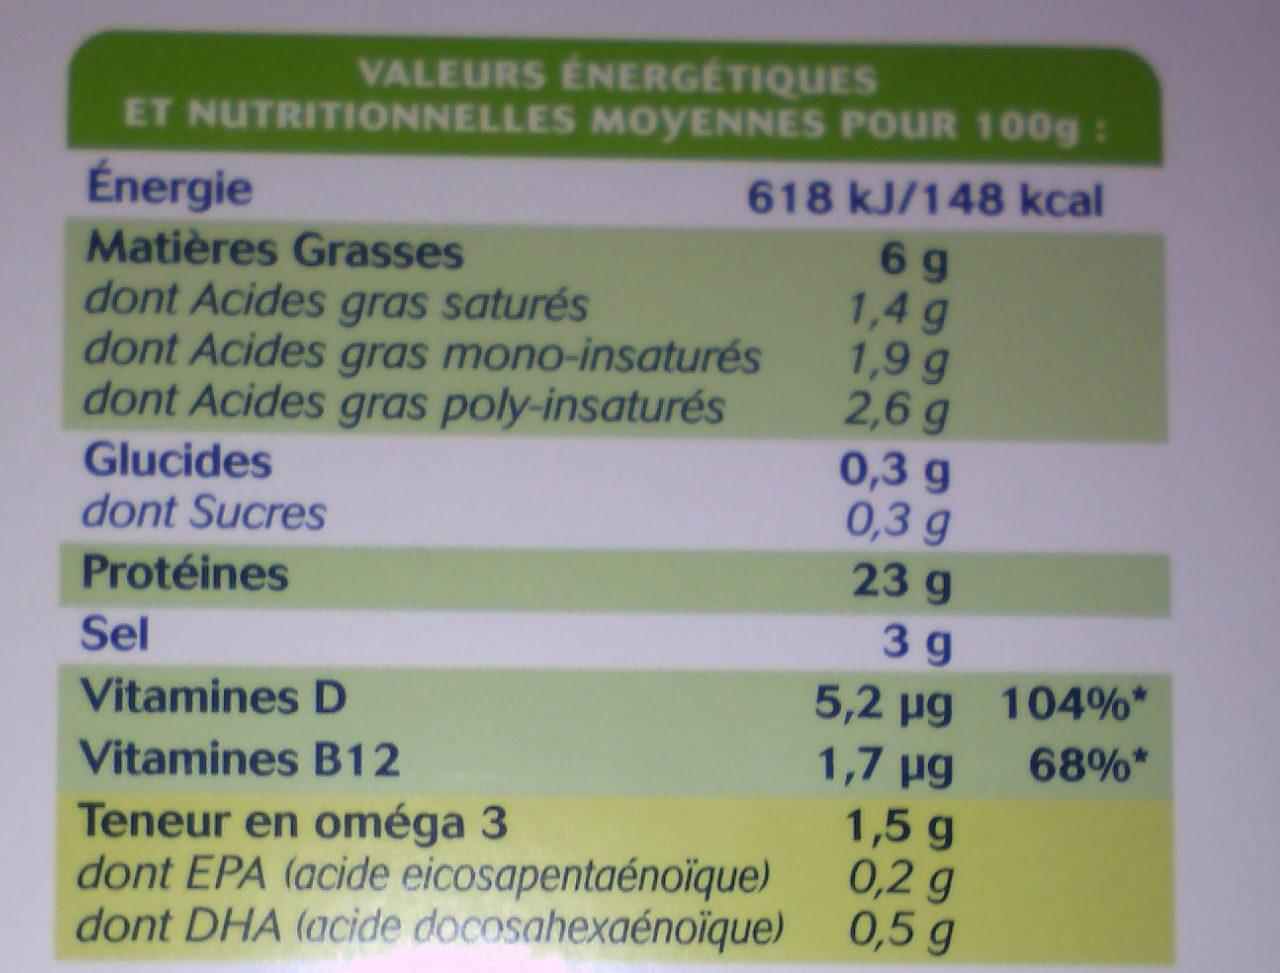 Truite Fumée Pyrénées (4 tranches) - 120 g - Informations nutritionnelles